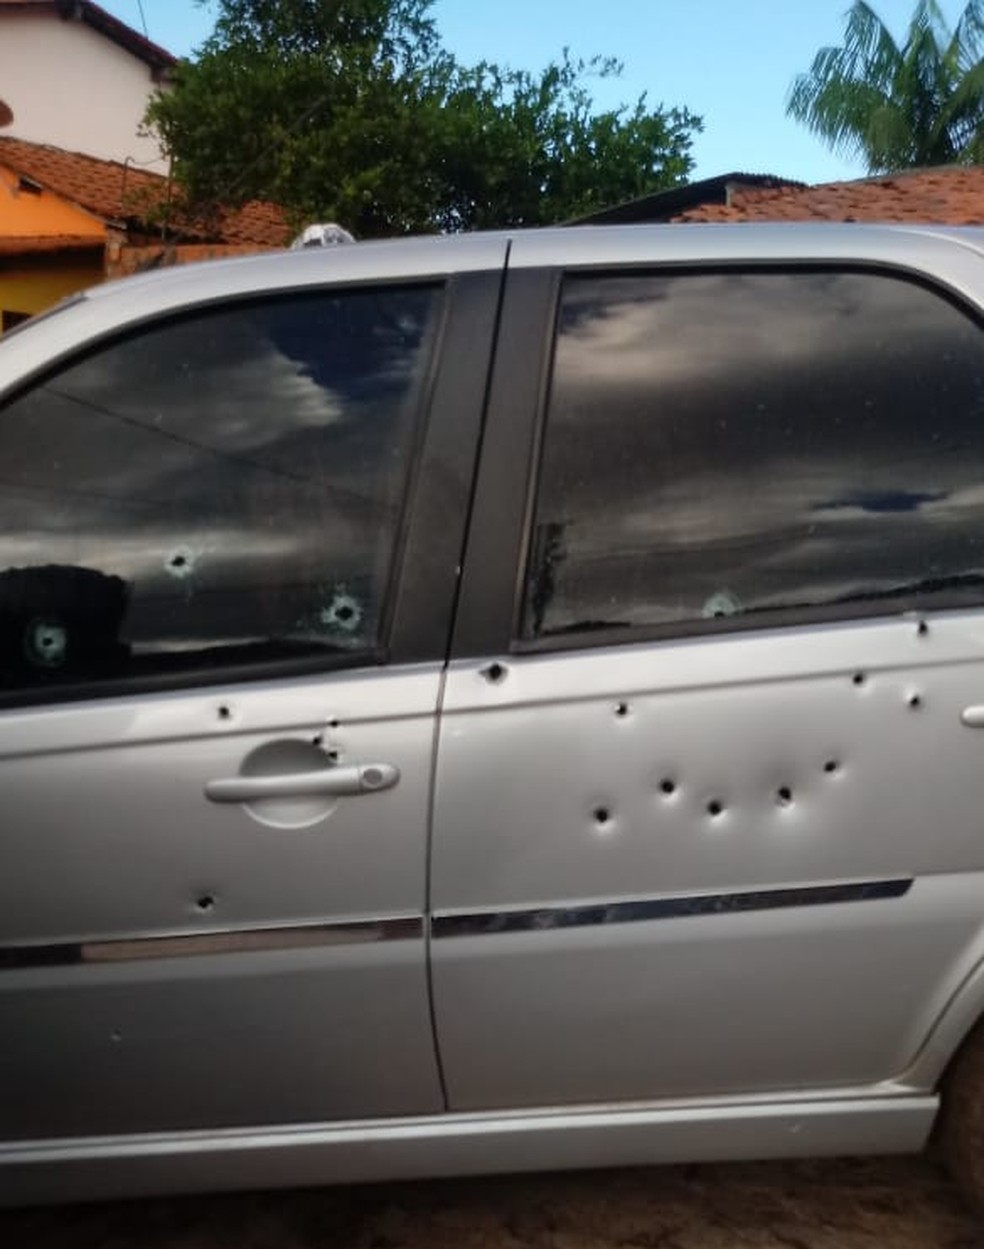 Tiroteio ocorreu na manhã deste domingo (9) e cinco pessoas morreram.  — Foto: Divulgação